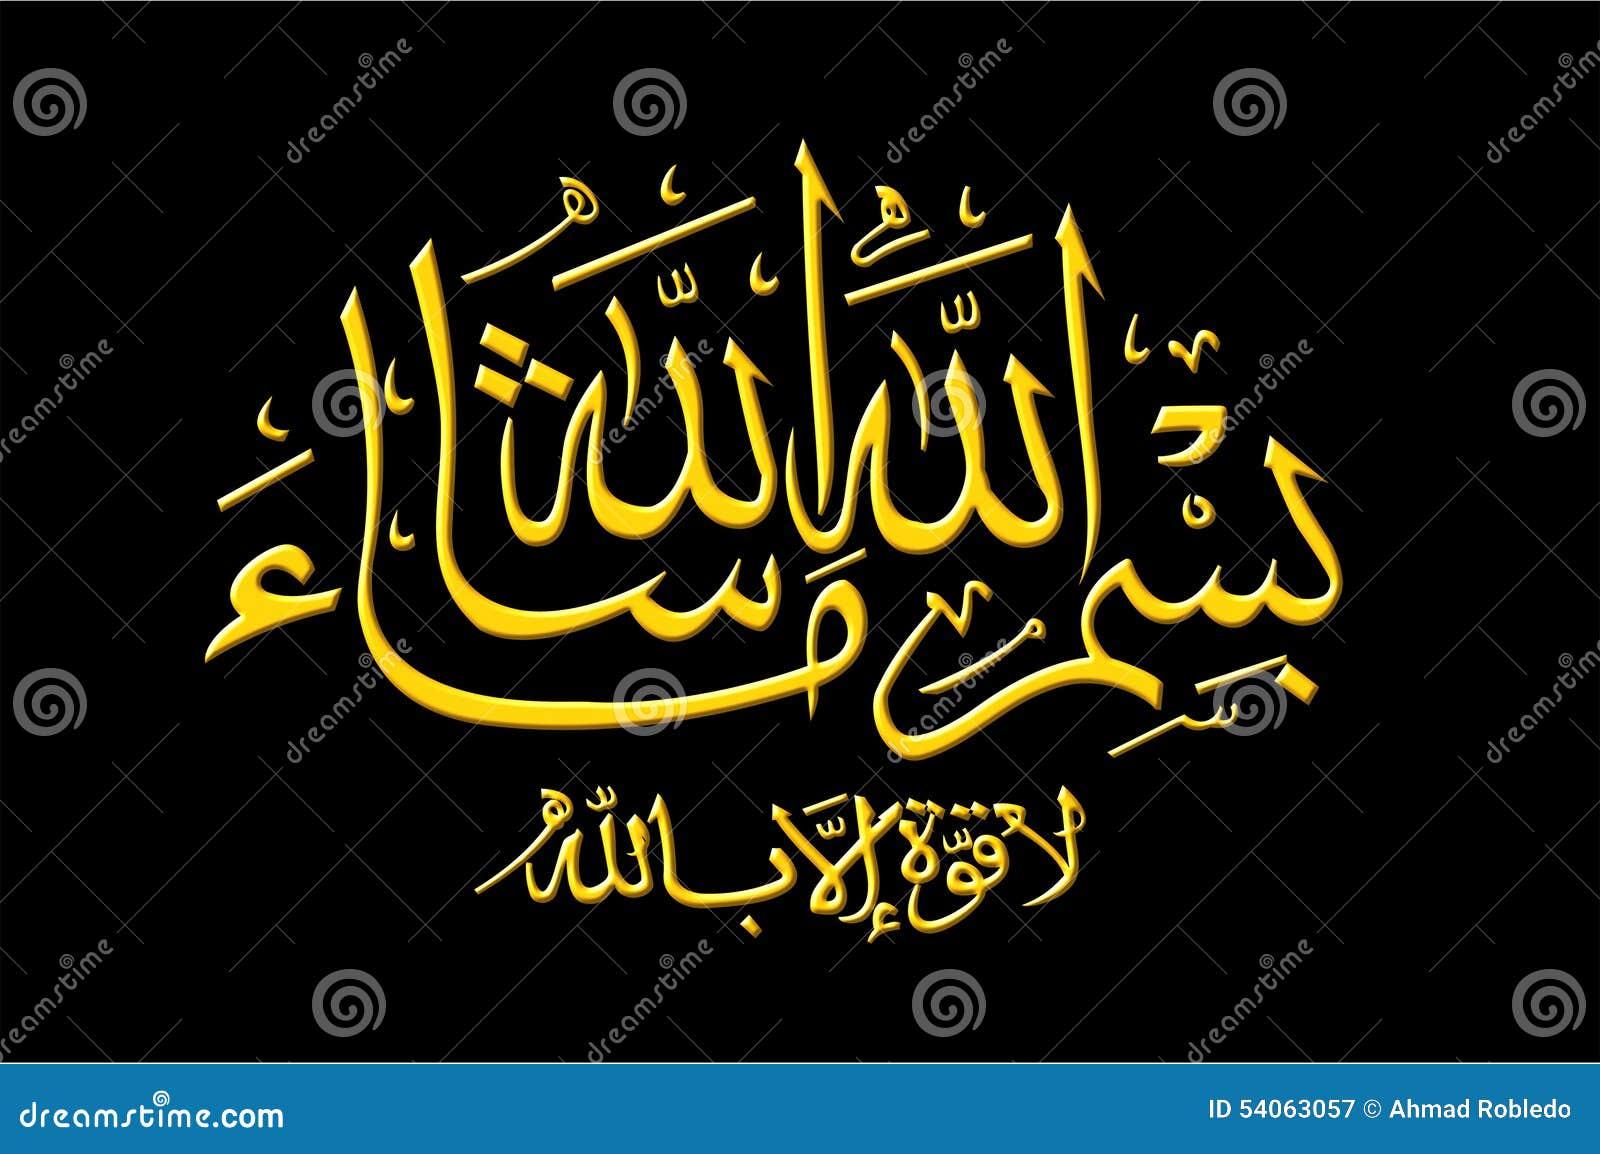 Super Bismillahi Masha Allah Illustration Stock - Image: 54063057 NP56